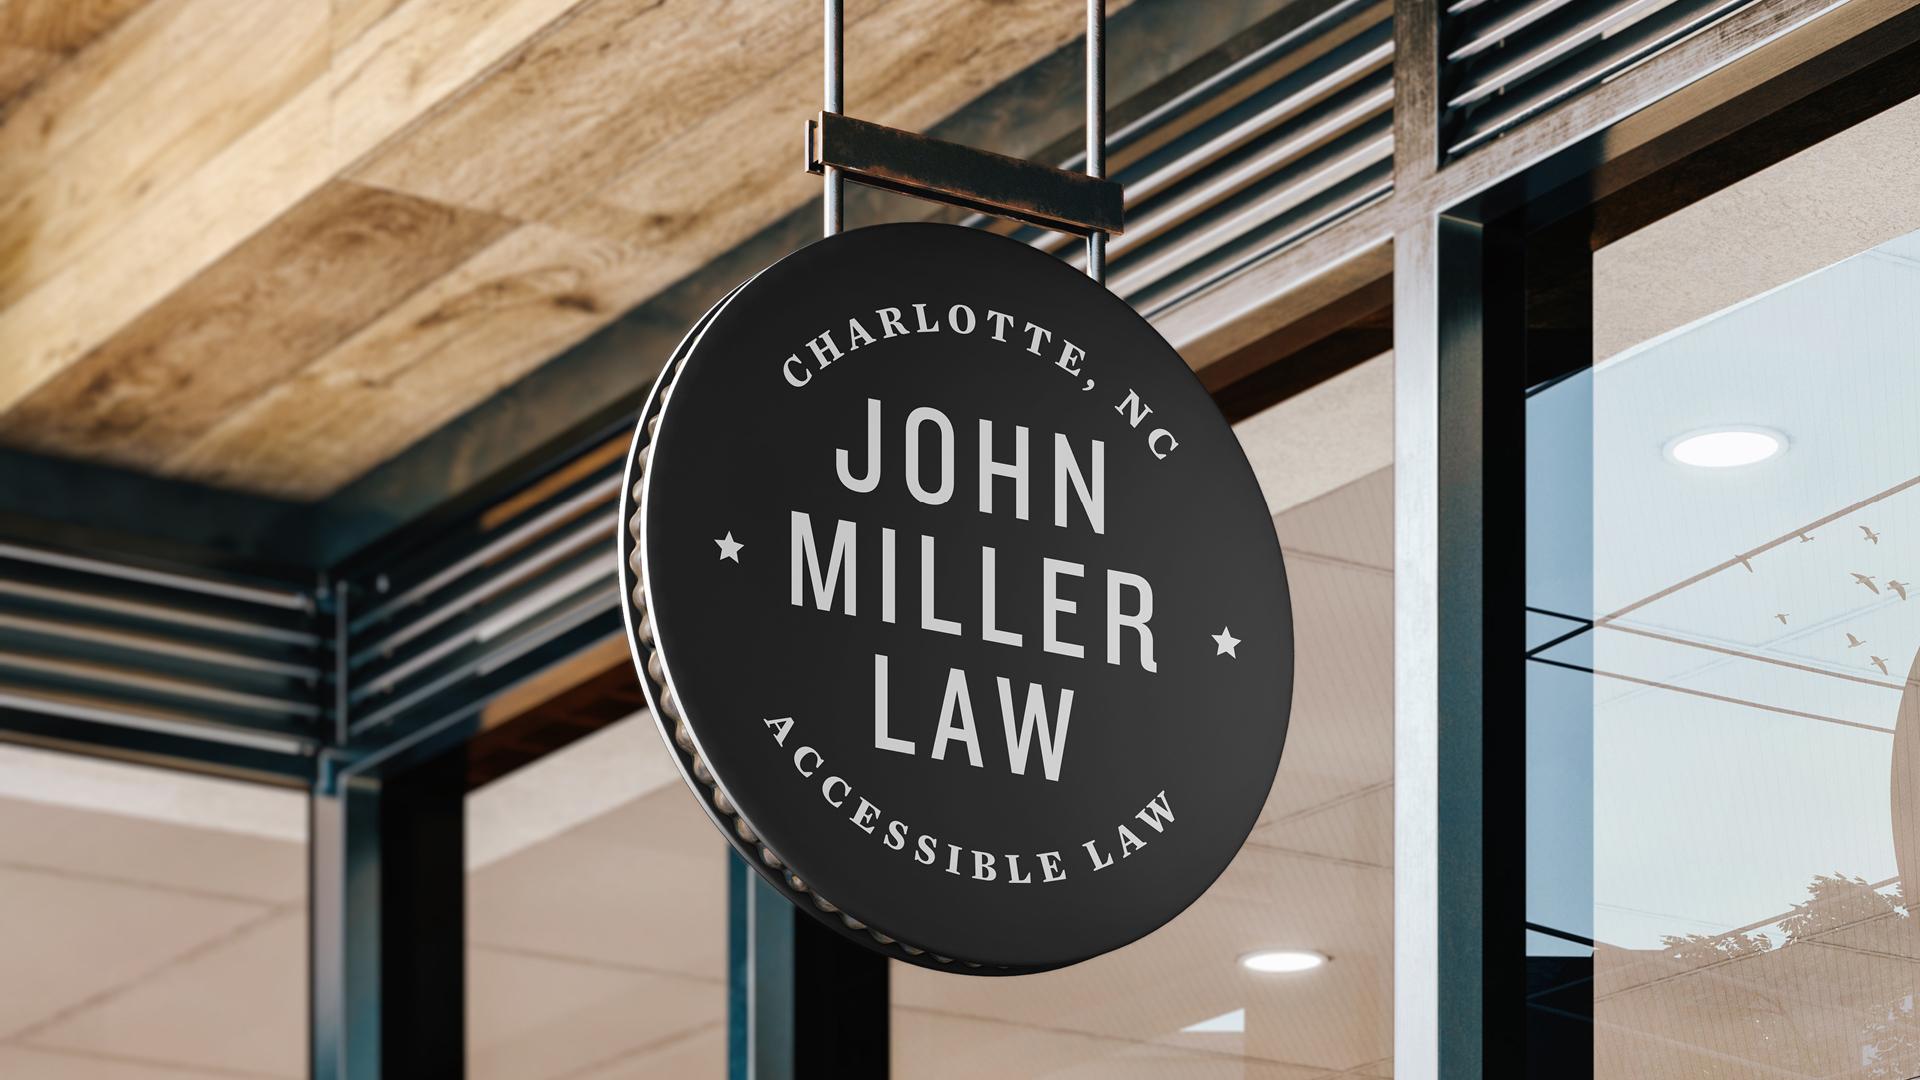 Miller Law4.jpg